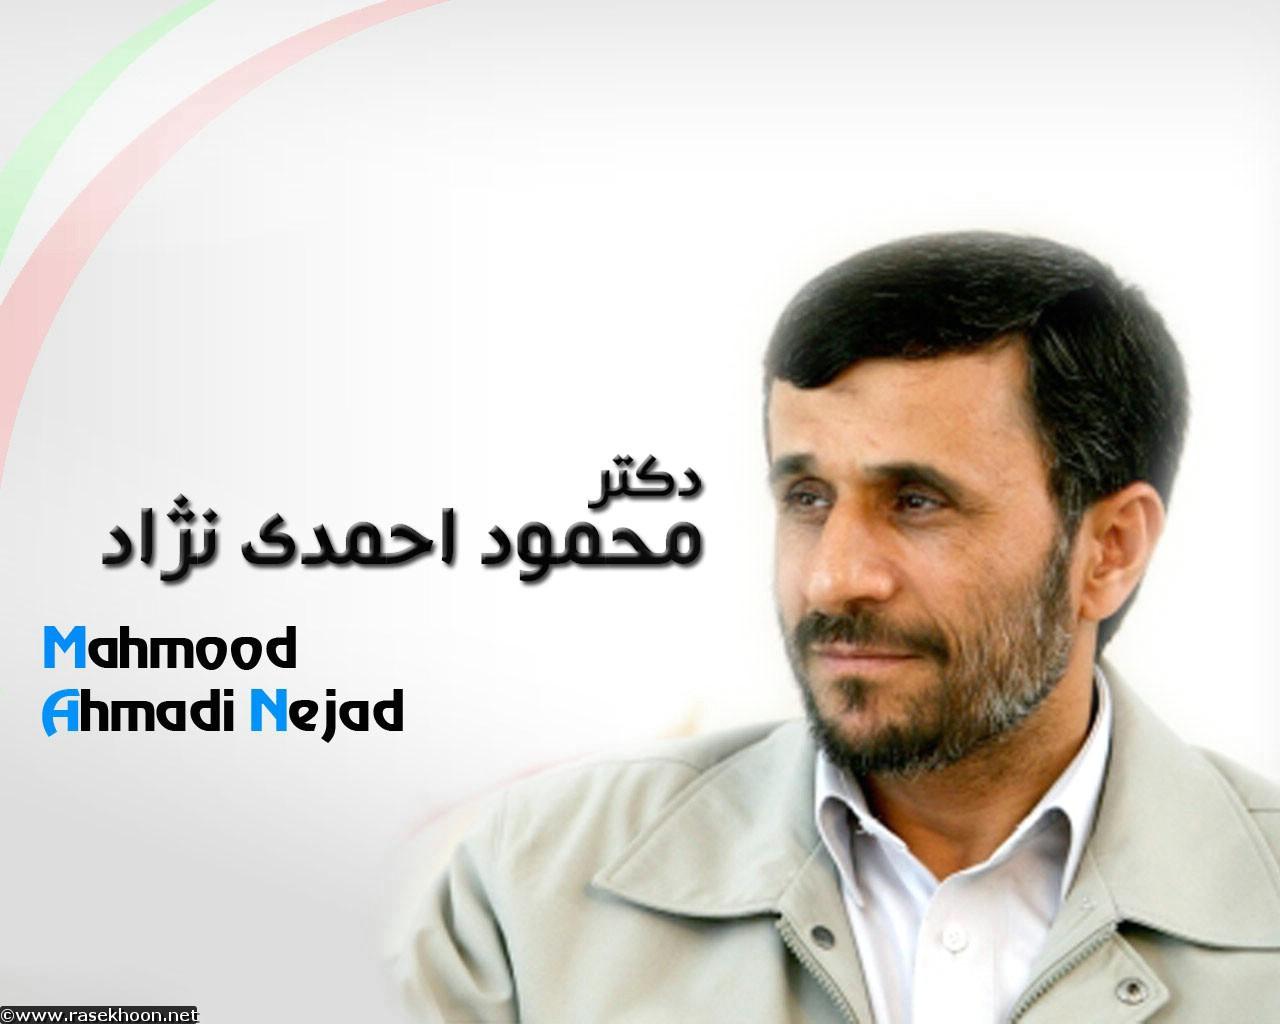 پنجشنبه زمان ورود احمدی نژاد به شهر اوز